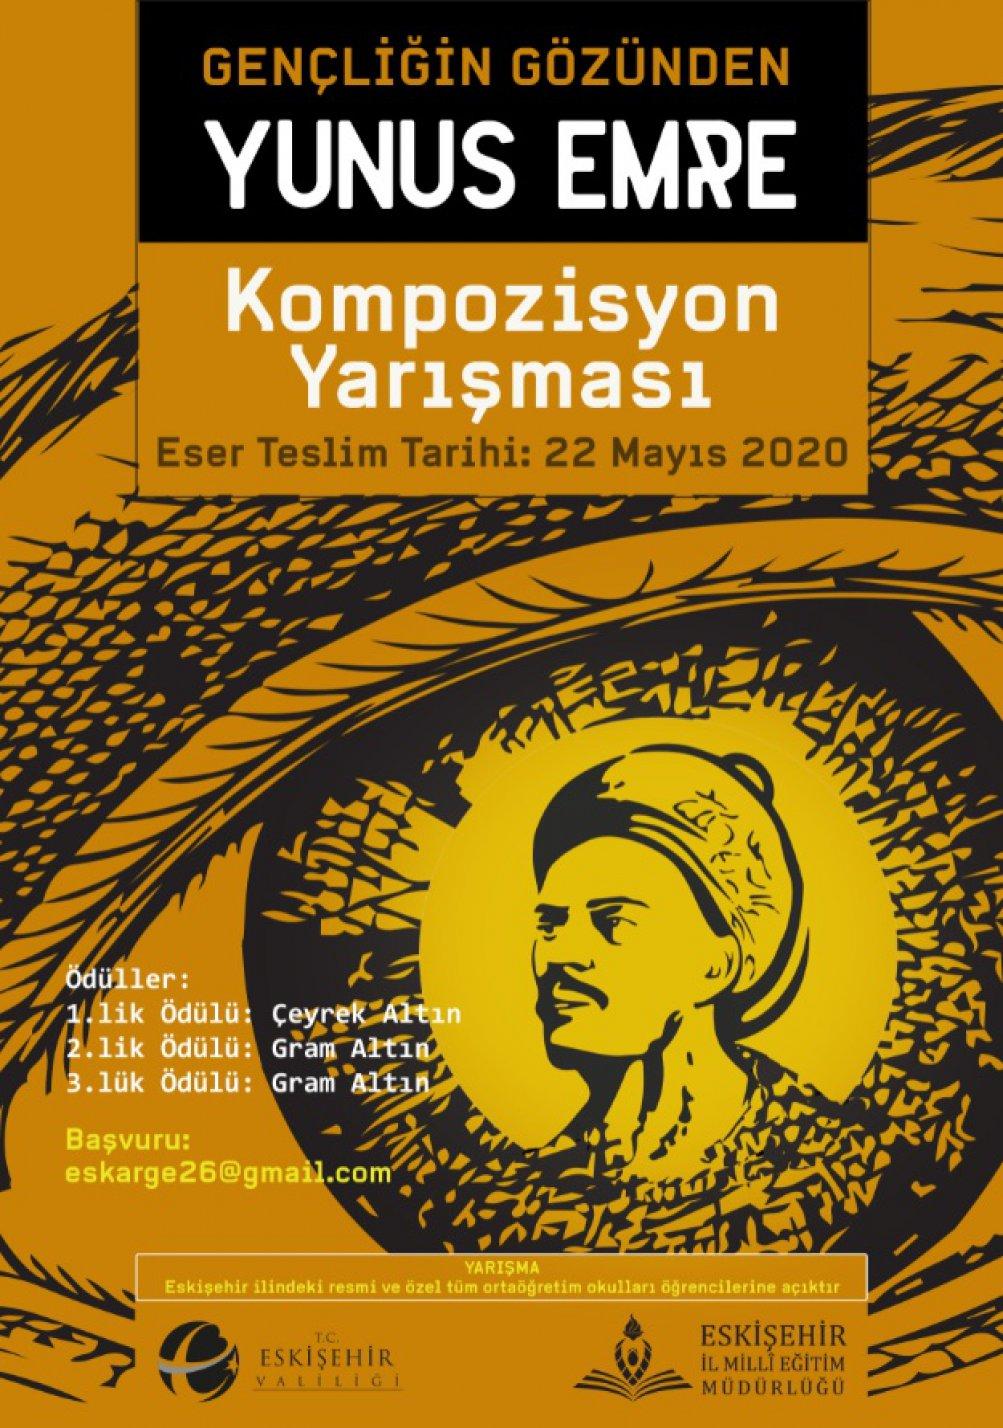 Gençliğin Gözünden Yunus Emre Kompozisyon Yarışması